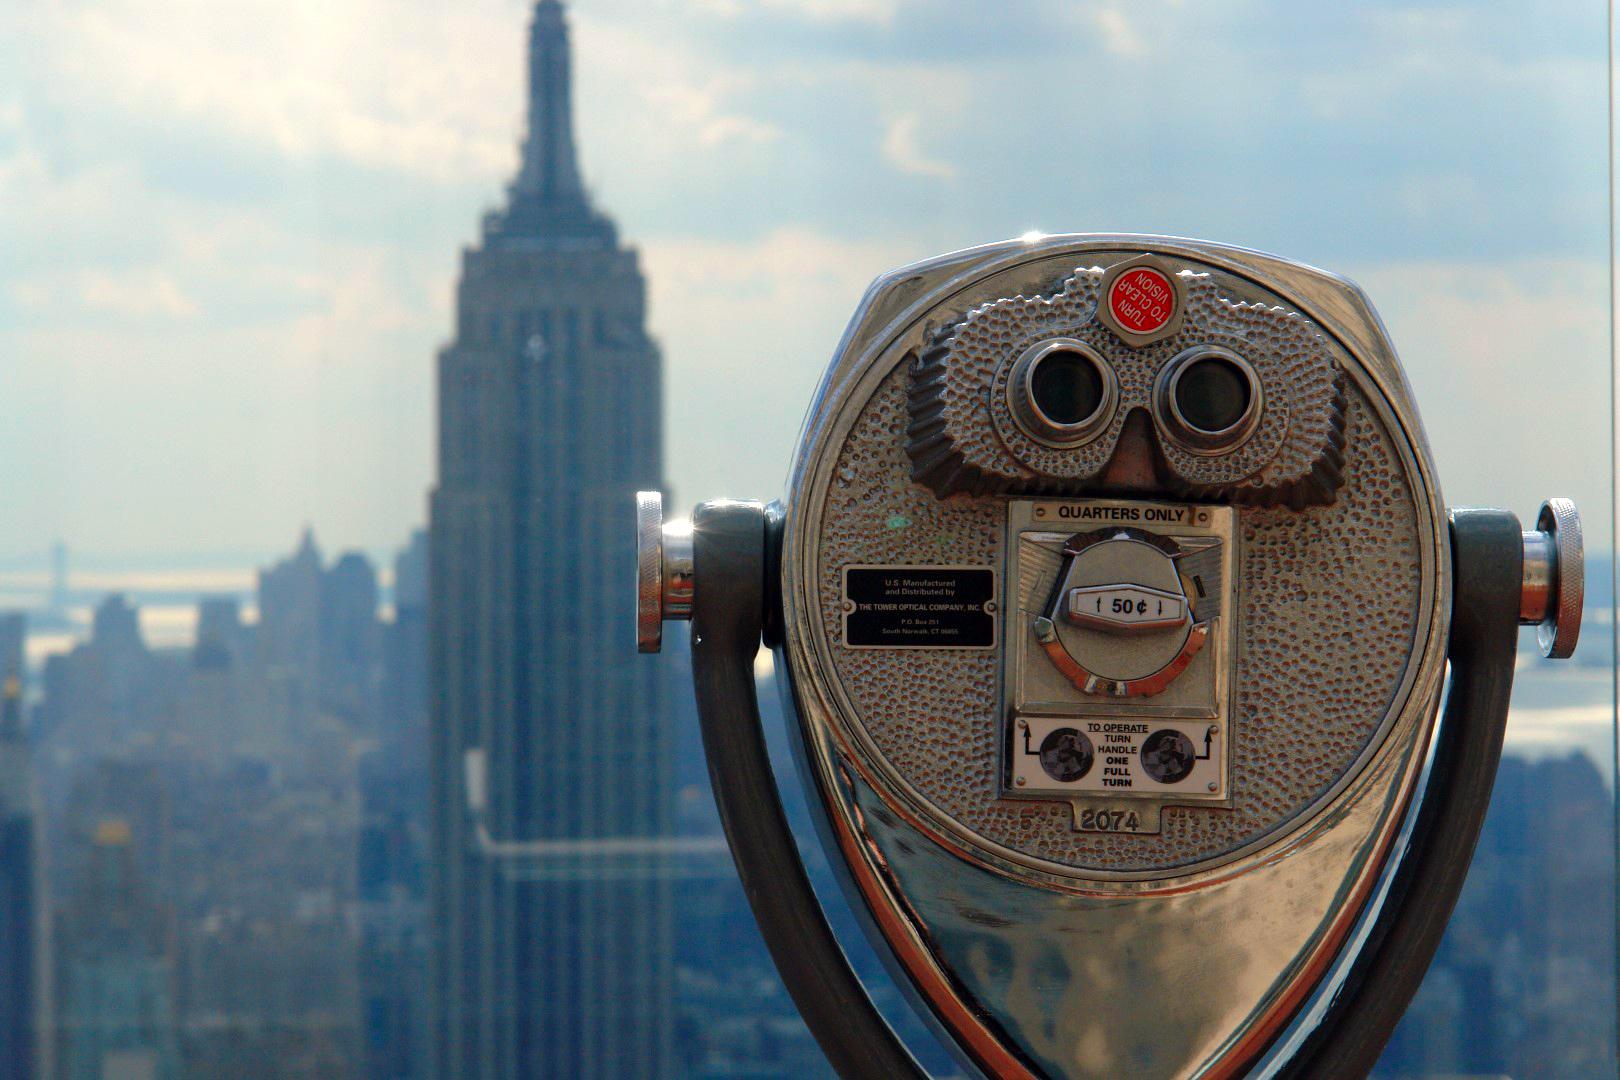 Qué hacer y ver en Nueva York qué hacer y ver en nueva york - 30774751540 1eb9dcf85a o - Qué hacer y ver en Nueva York